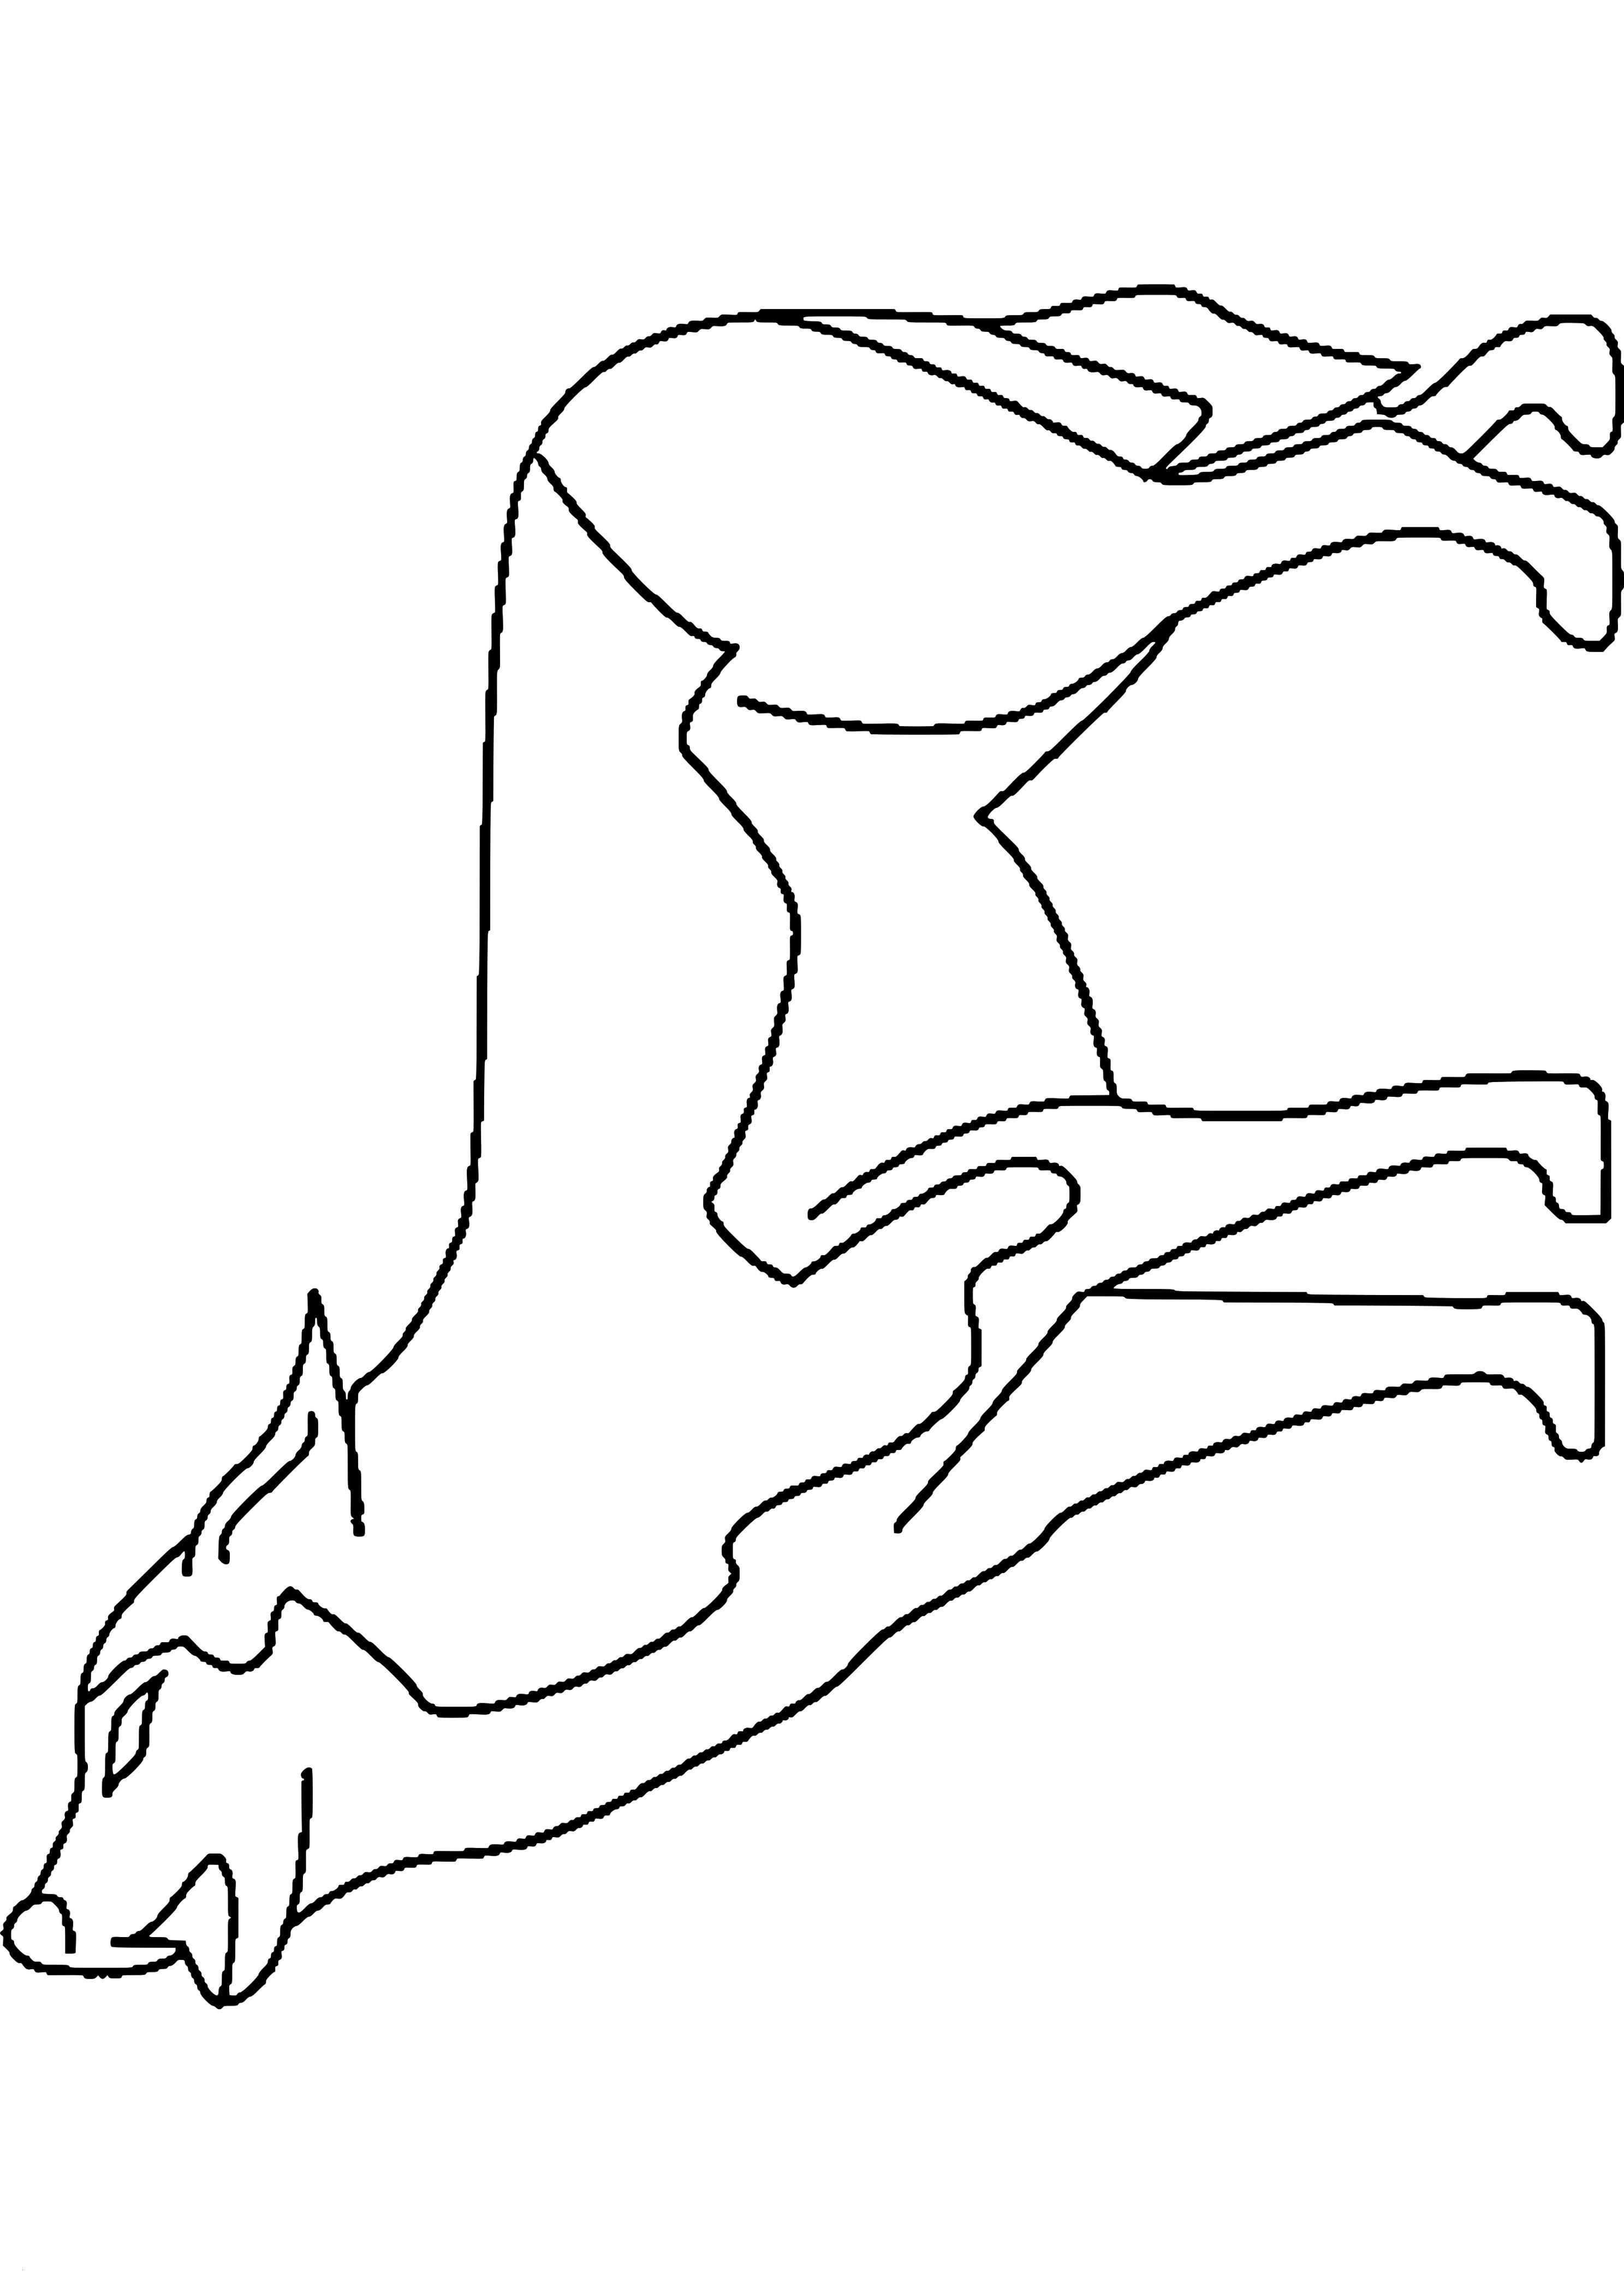 Ausmalbild Rabe socke Das Beste Von Ausmalbilder Wölfe Inspirierend Malvorlagen Wölfe Zum Drucken Luxus Galerie